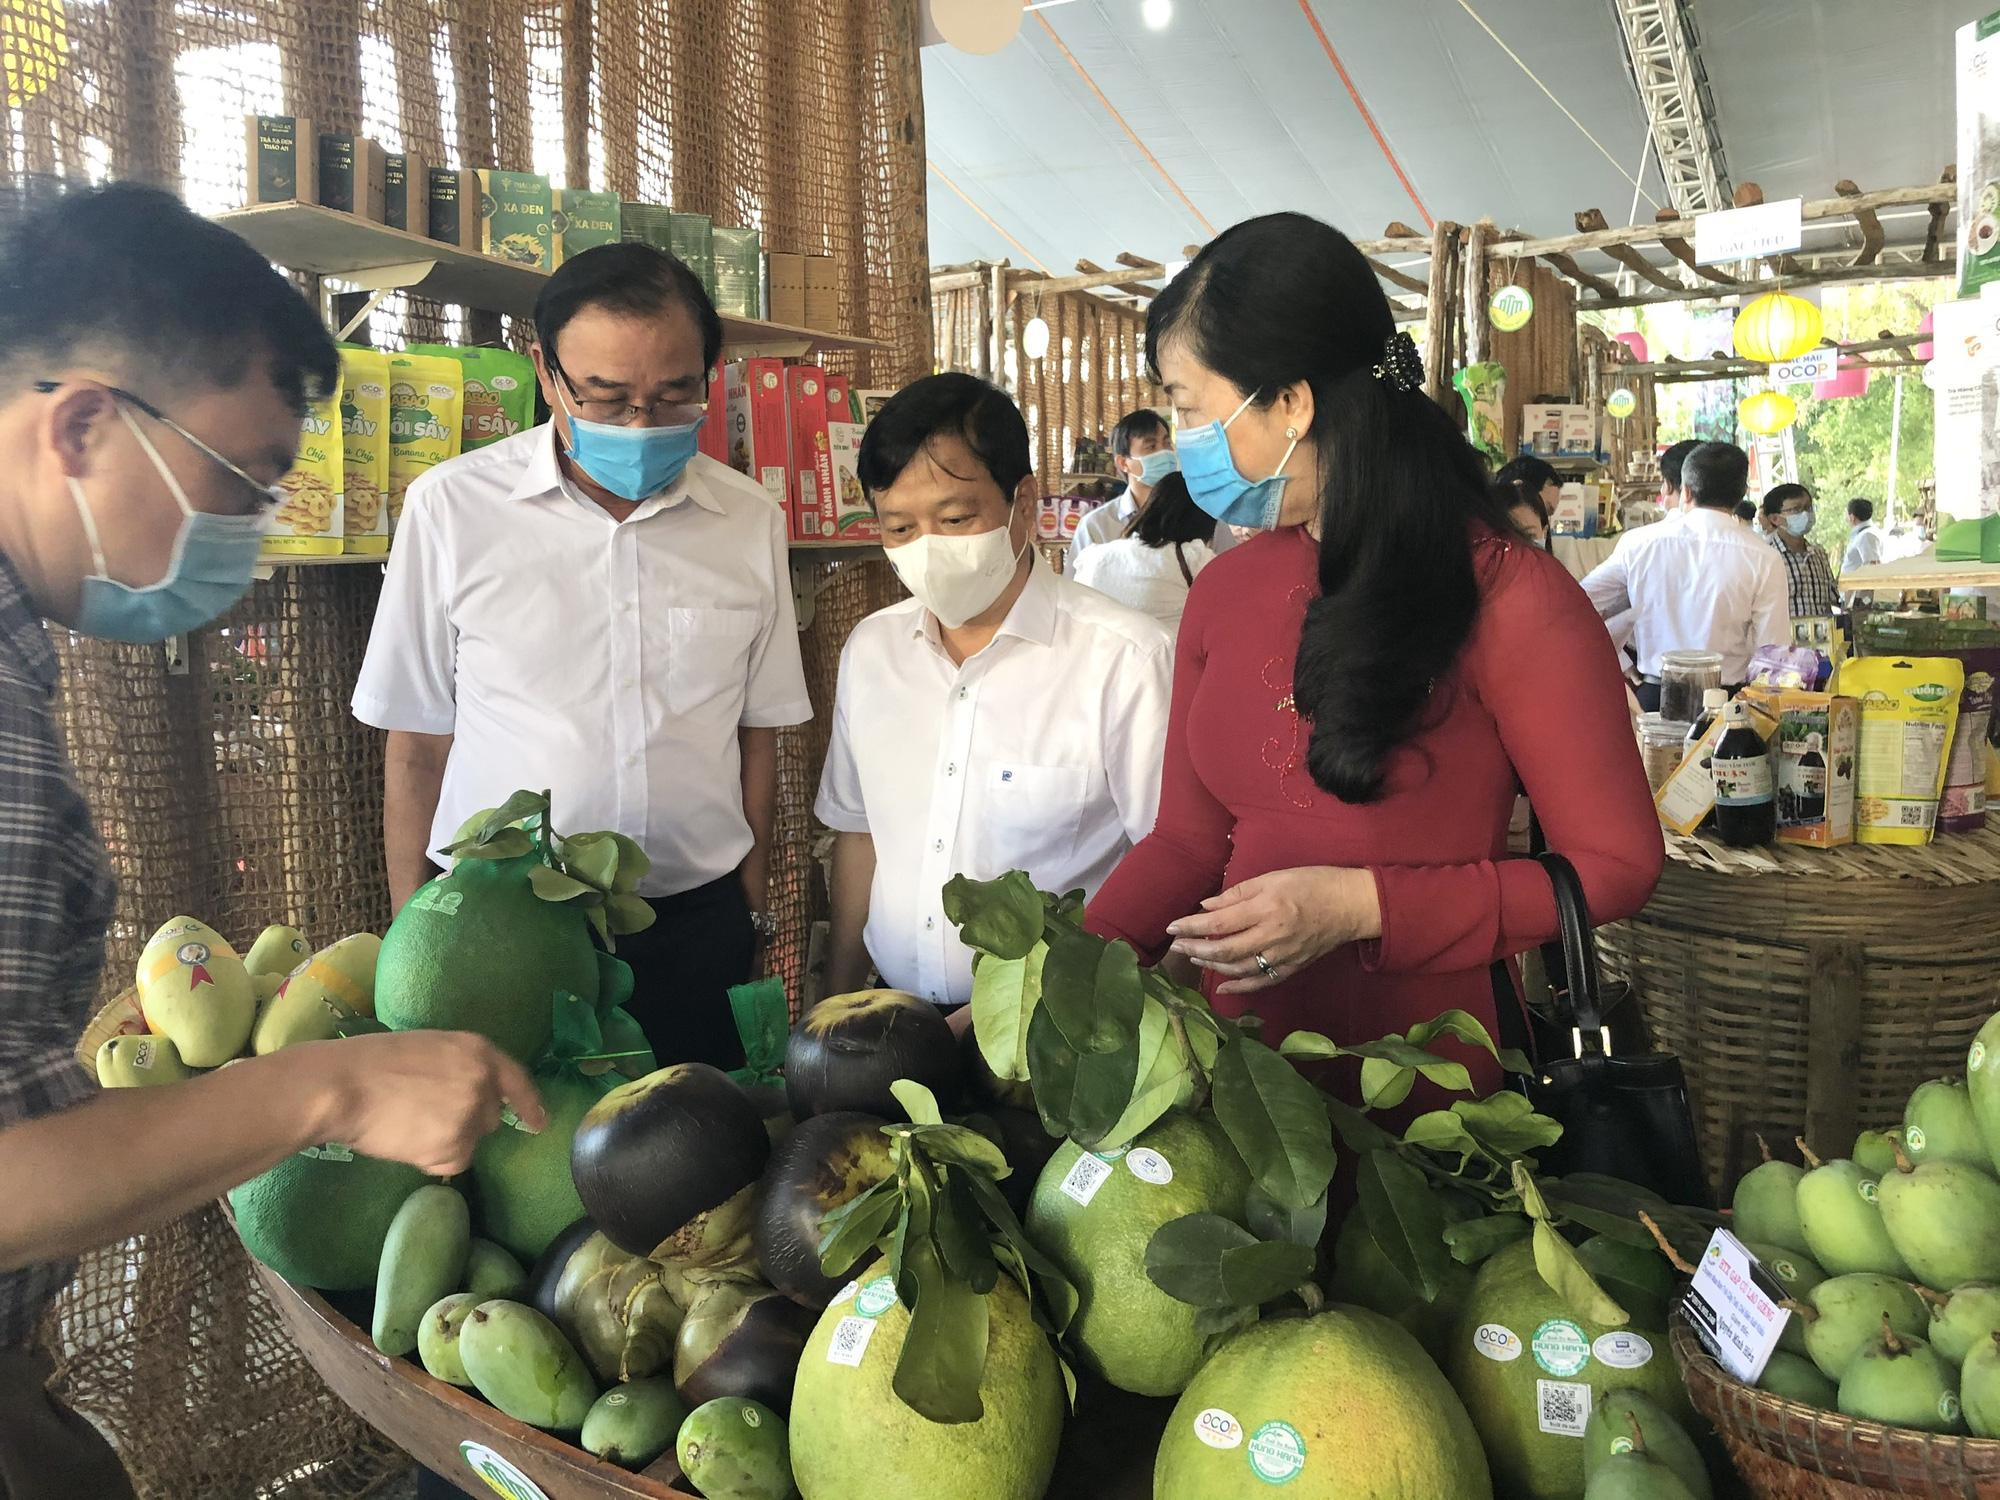 Hàng trăm sản phẩm OCOP – Hương sắc miền Tây hội tụ tại Phú Quốc - Ảnh 5.